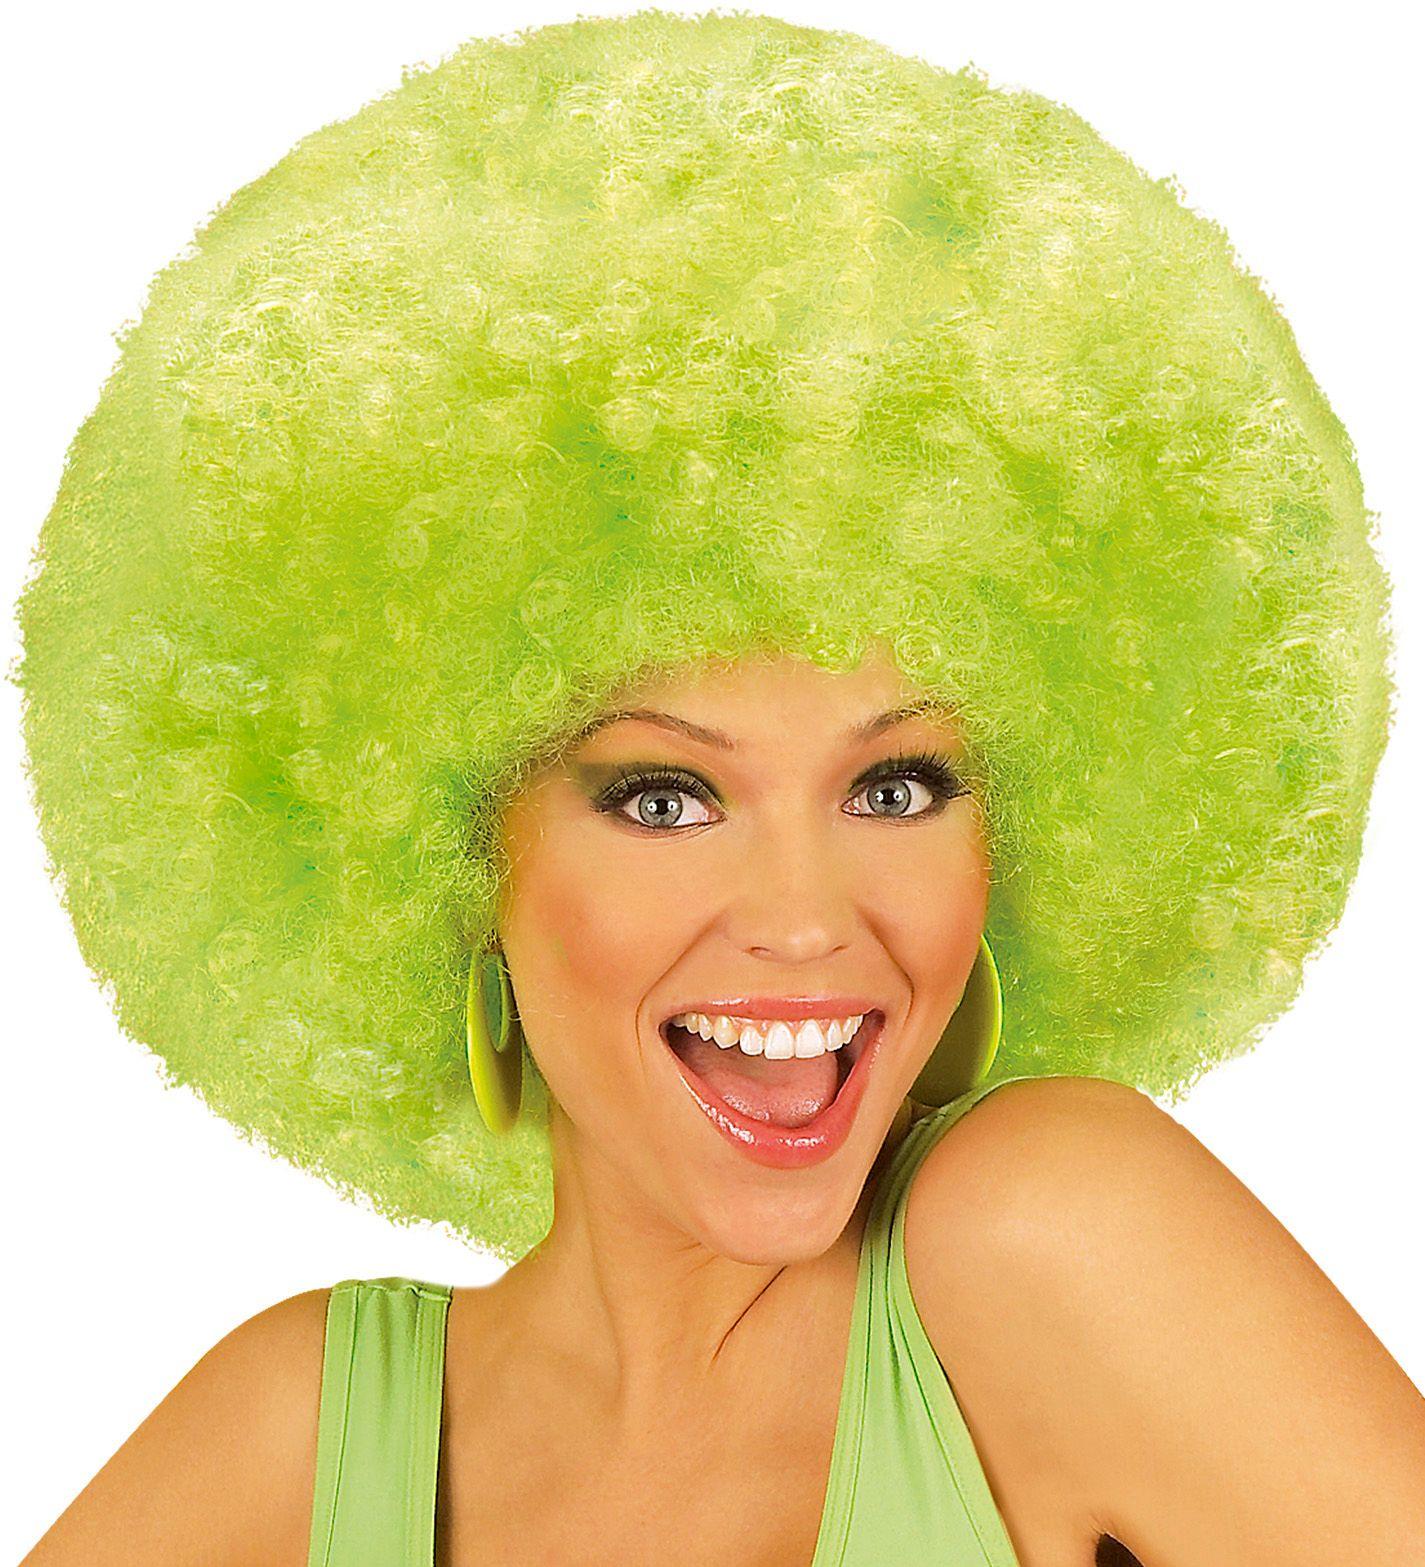 Groene afro pruik met krullen